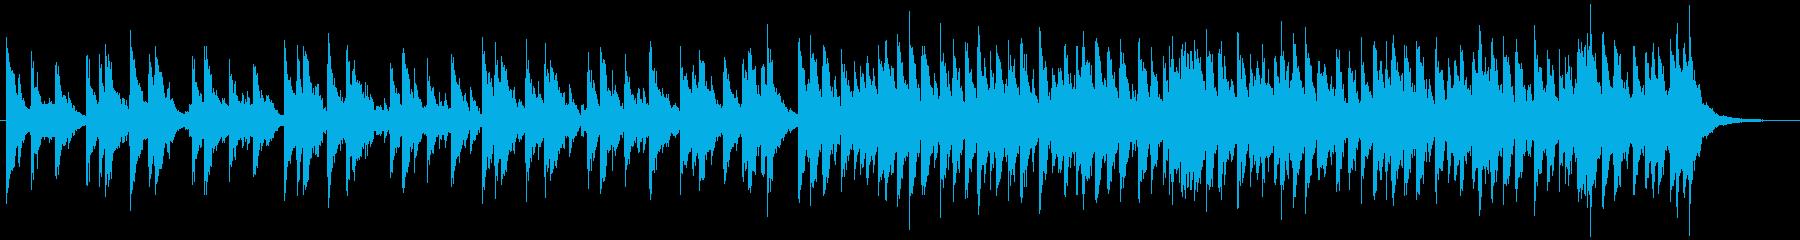 和太鼓アンサンブル(声なし)、力強いdの再生済みの波形